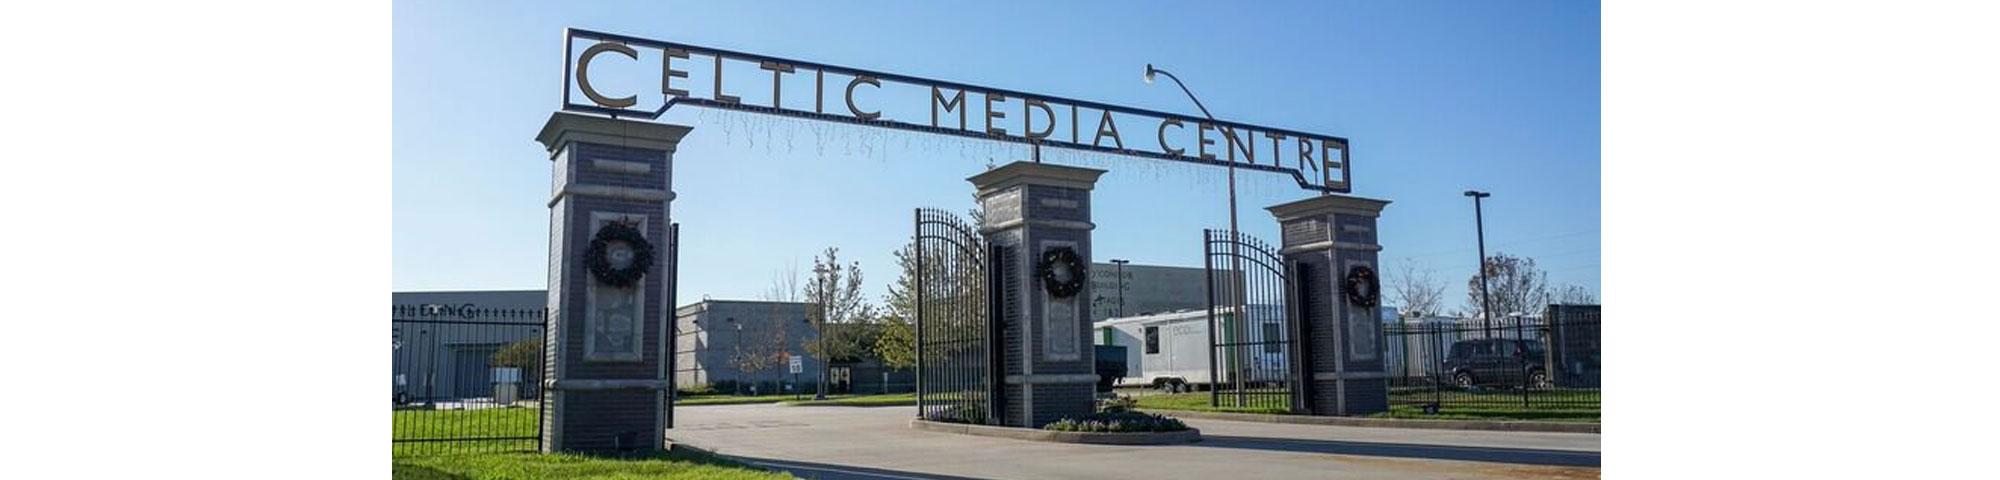 Celtic Media Center